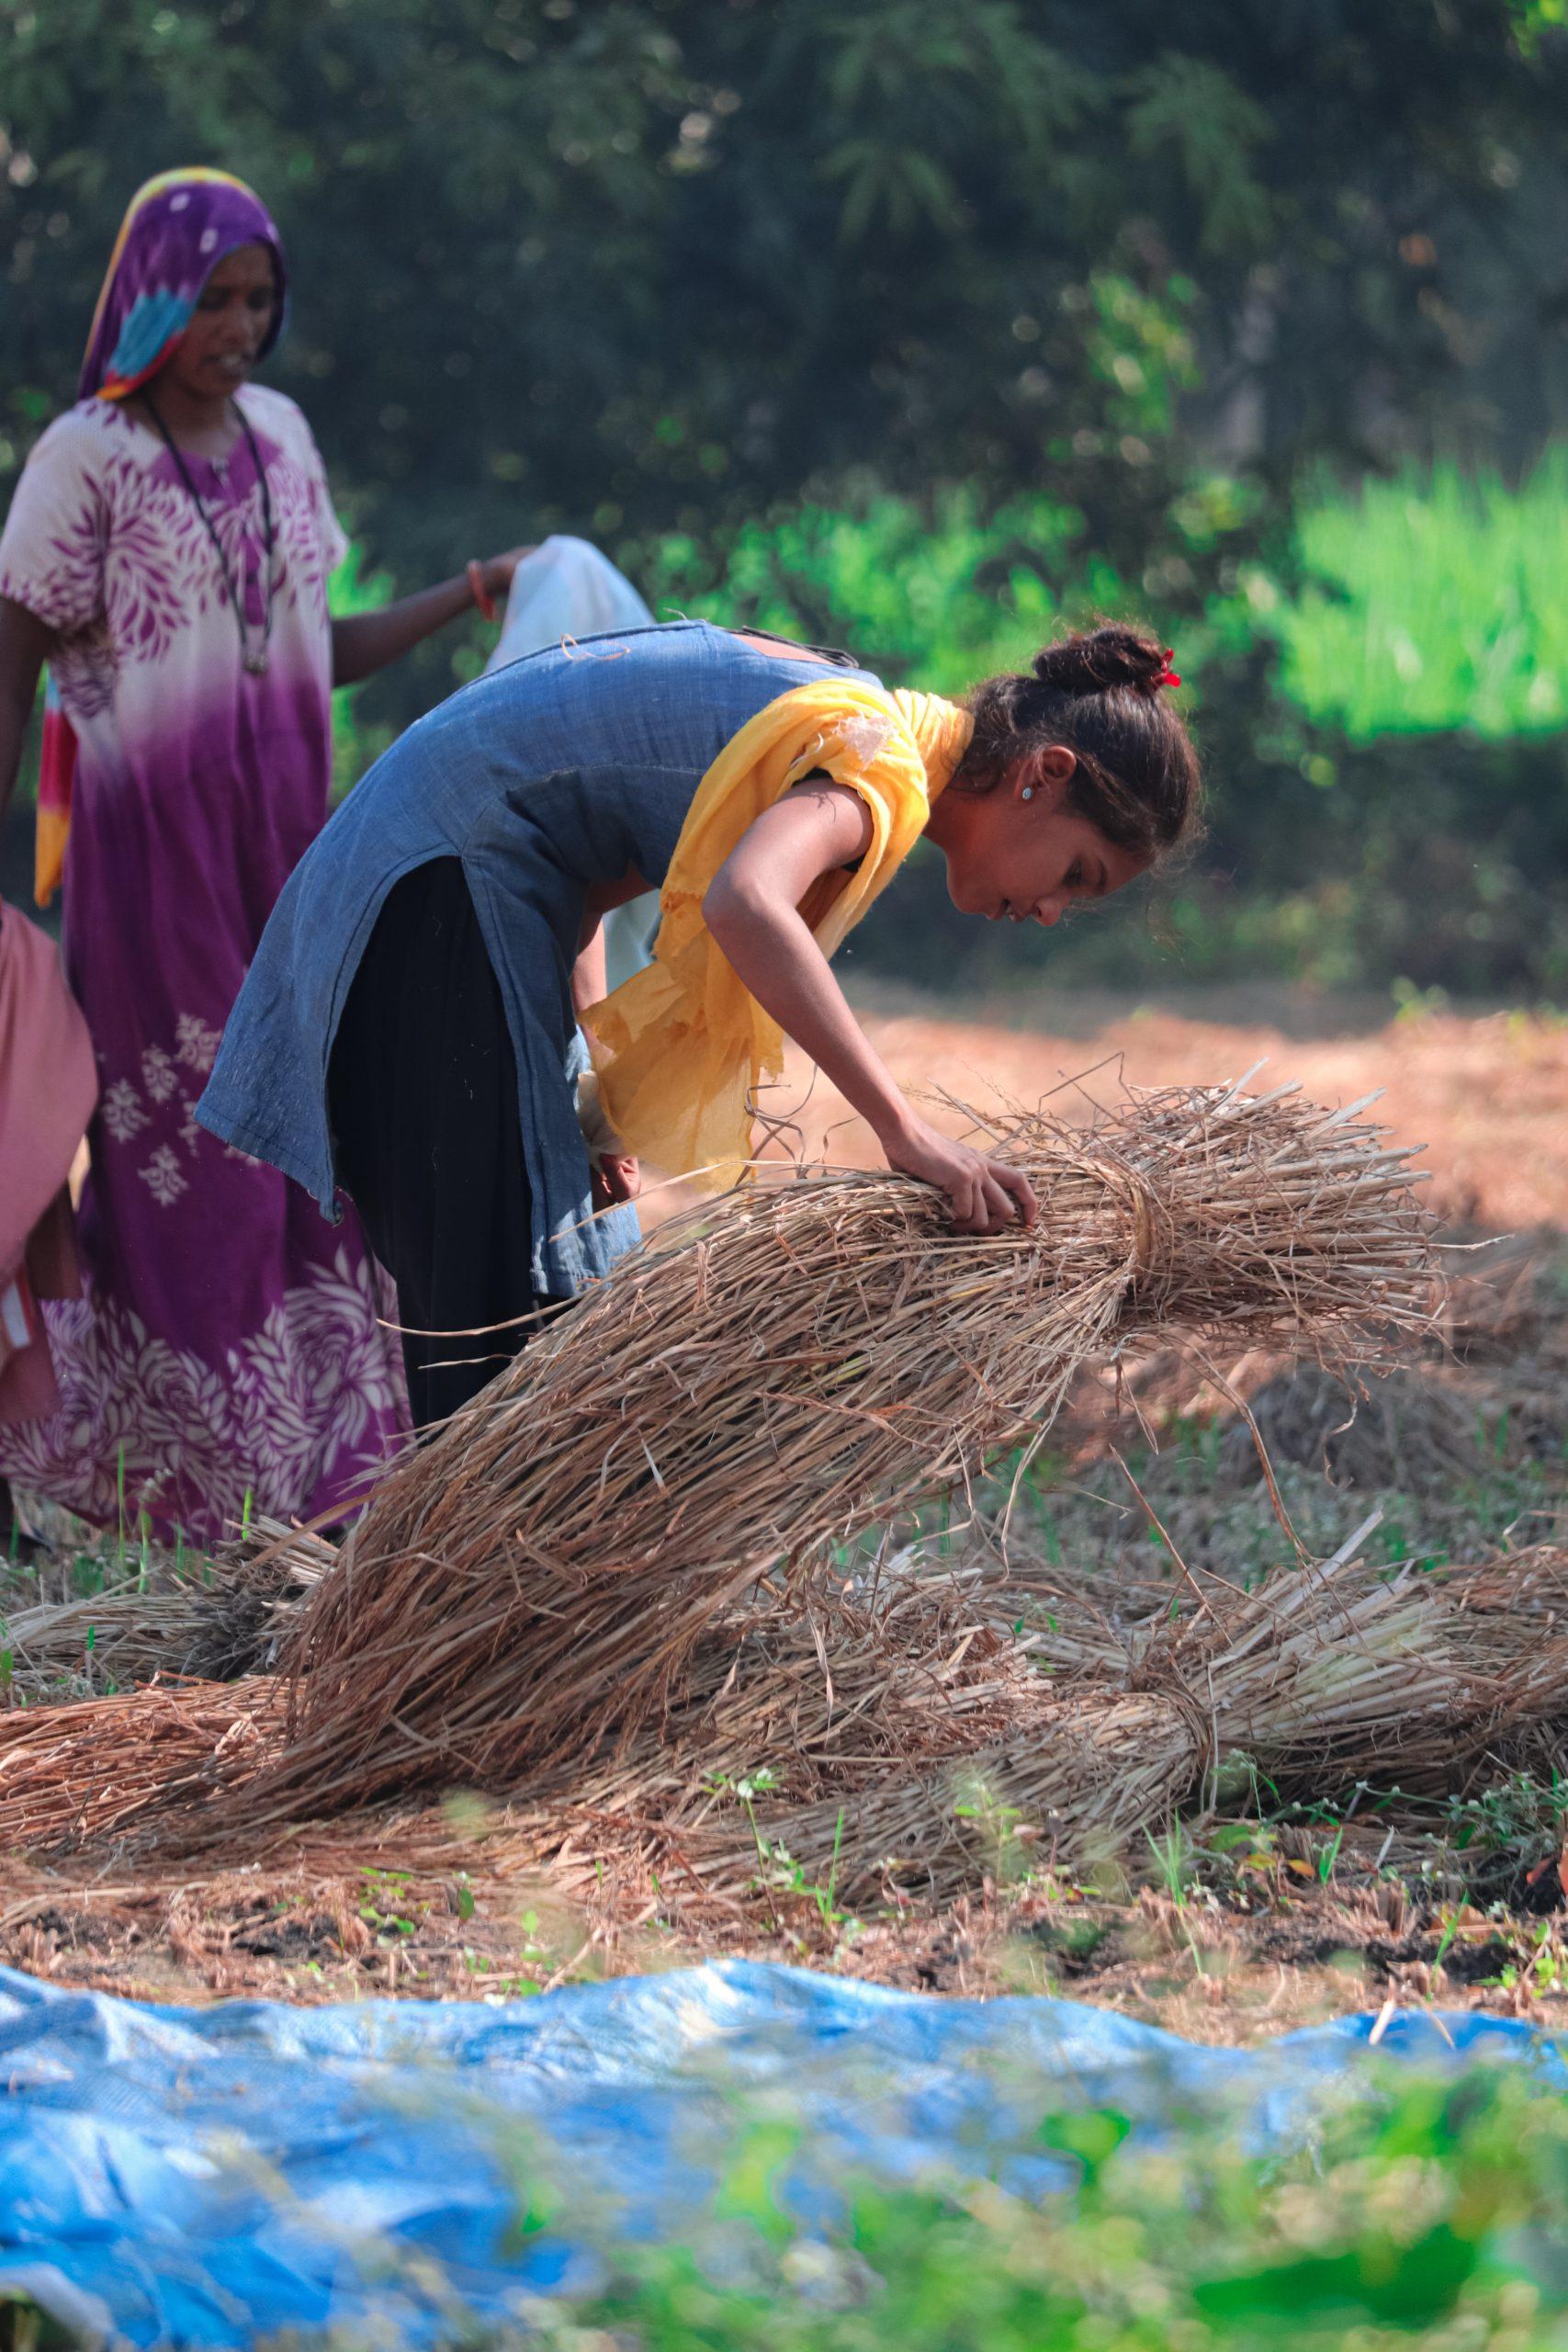 Female farmers working in a field